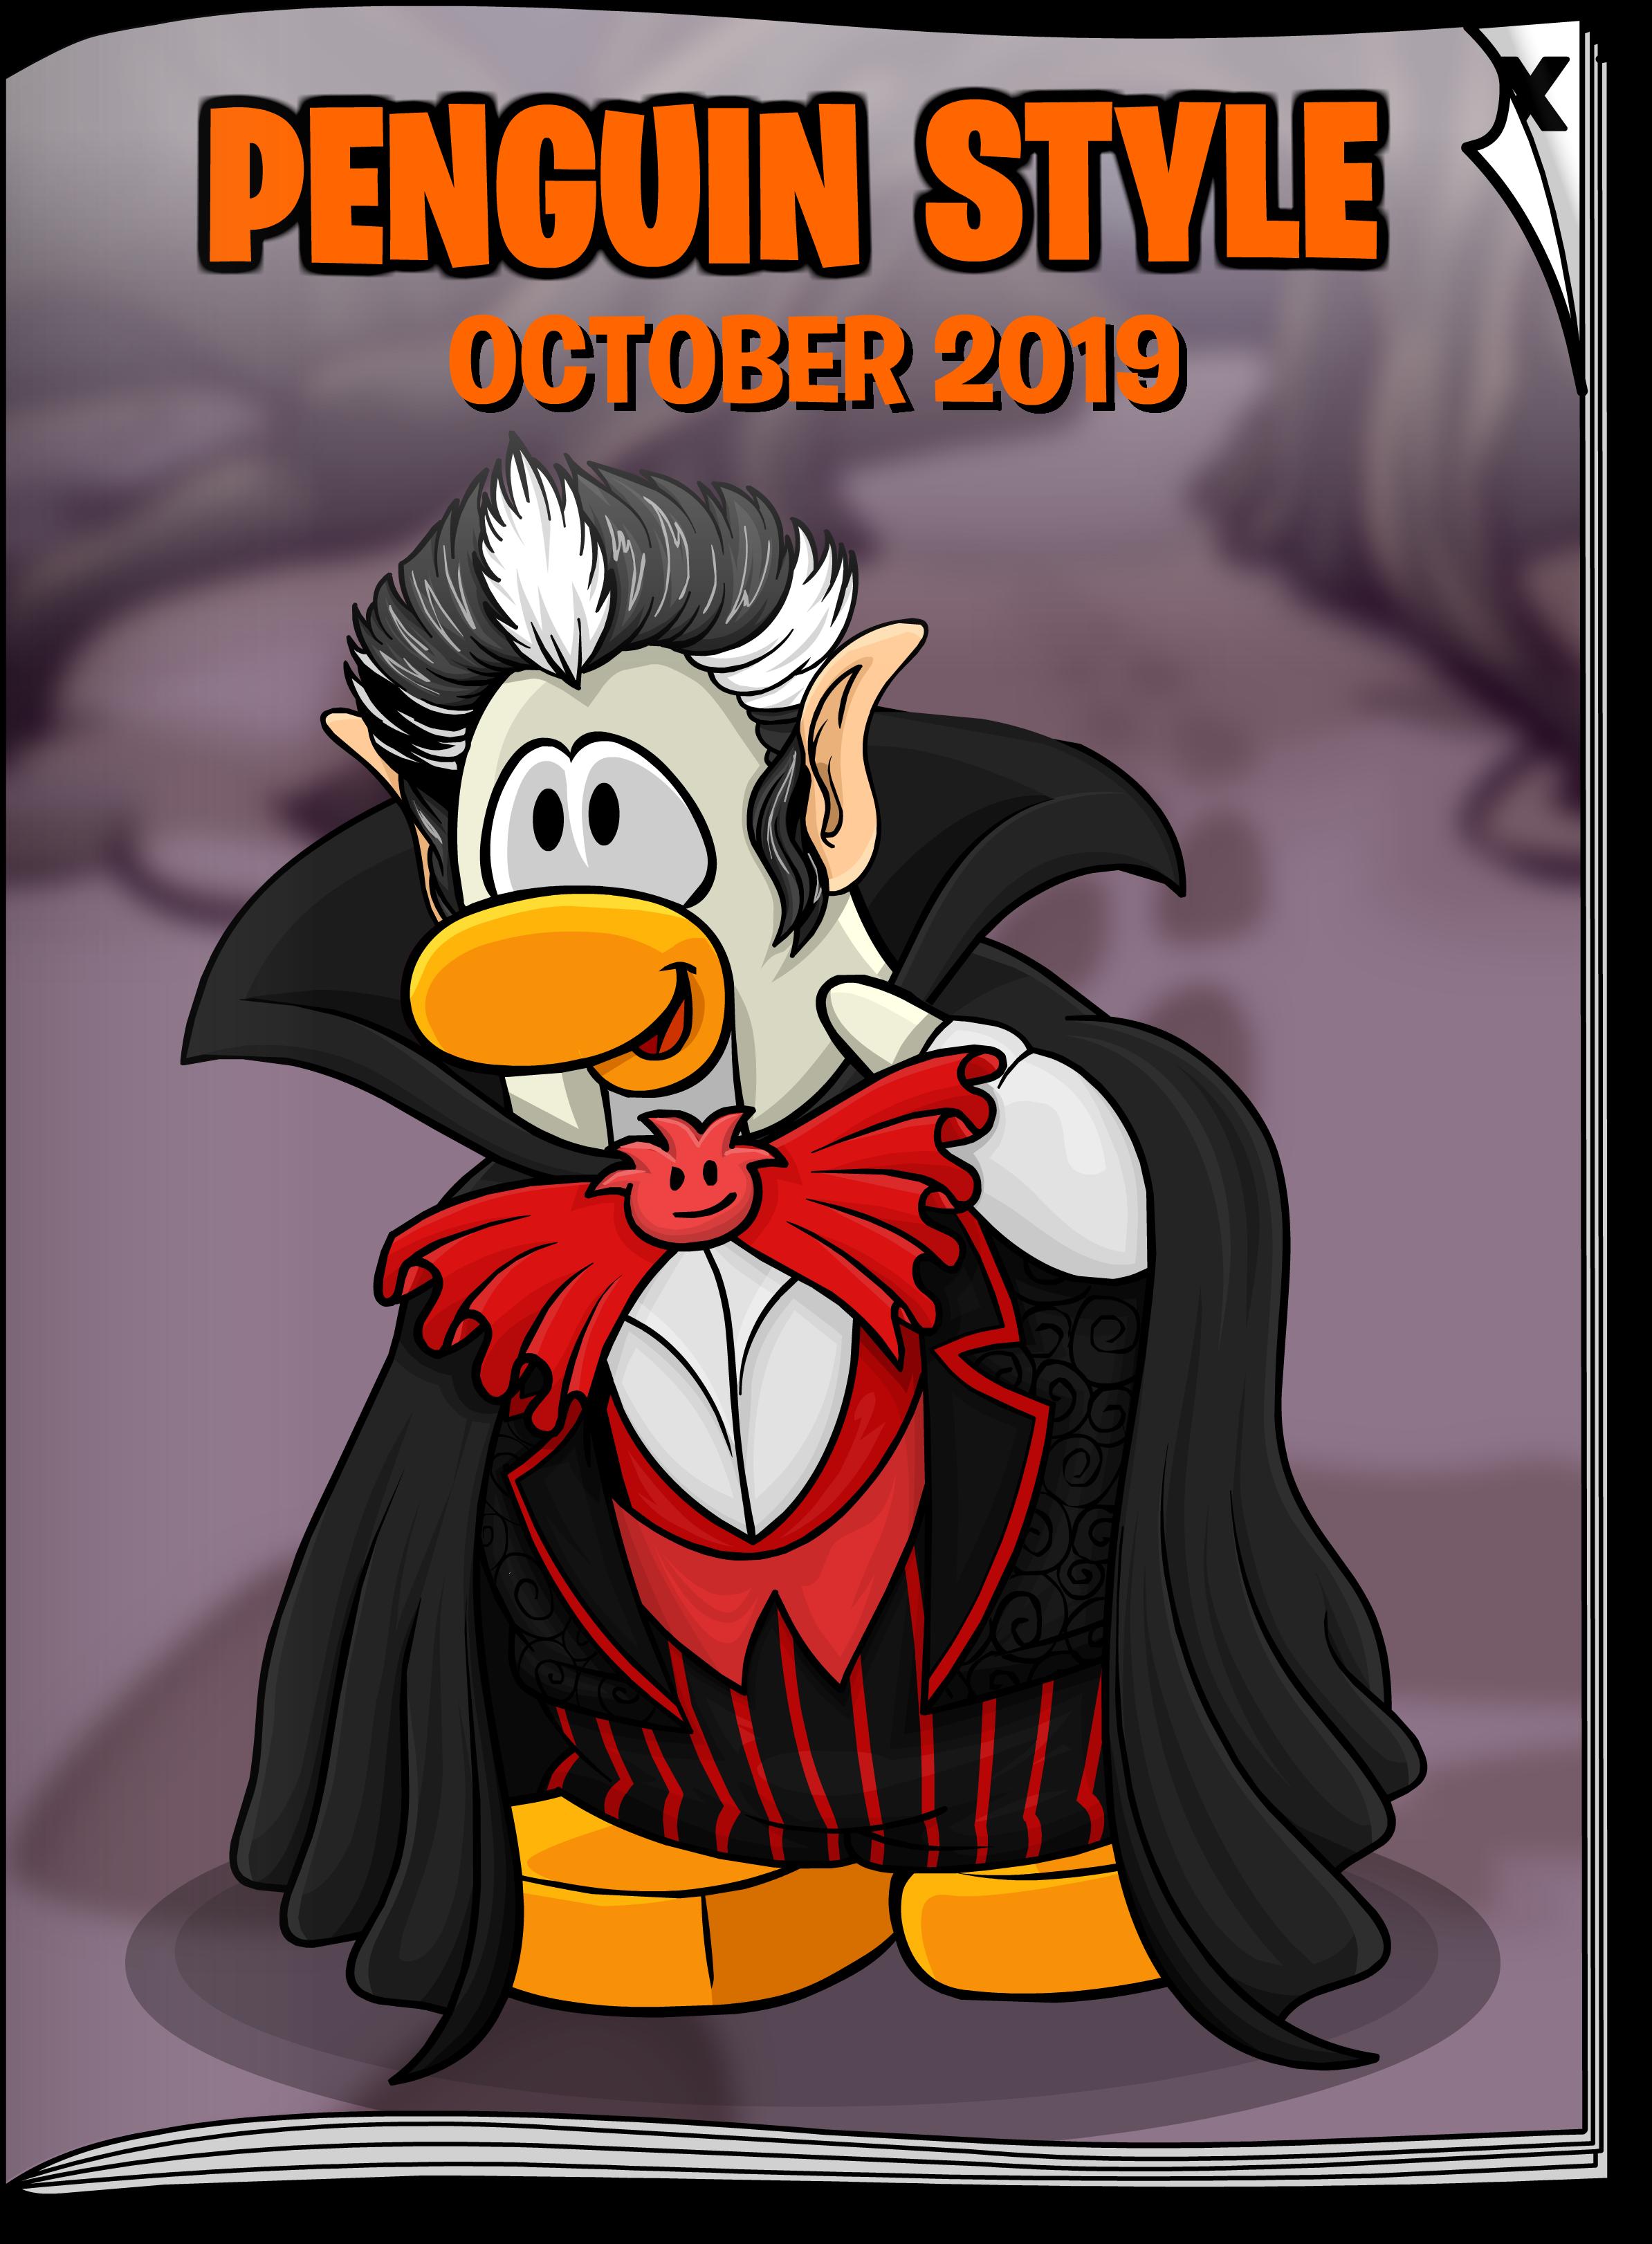 Penguin Style Oct'19